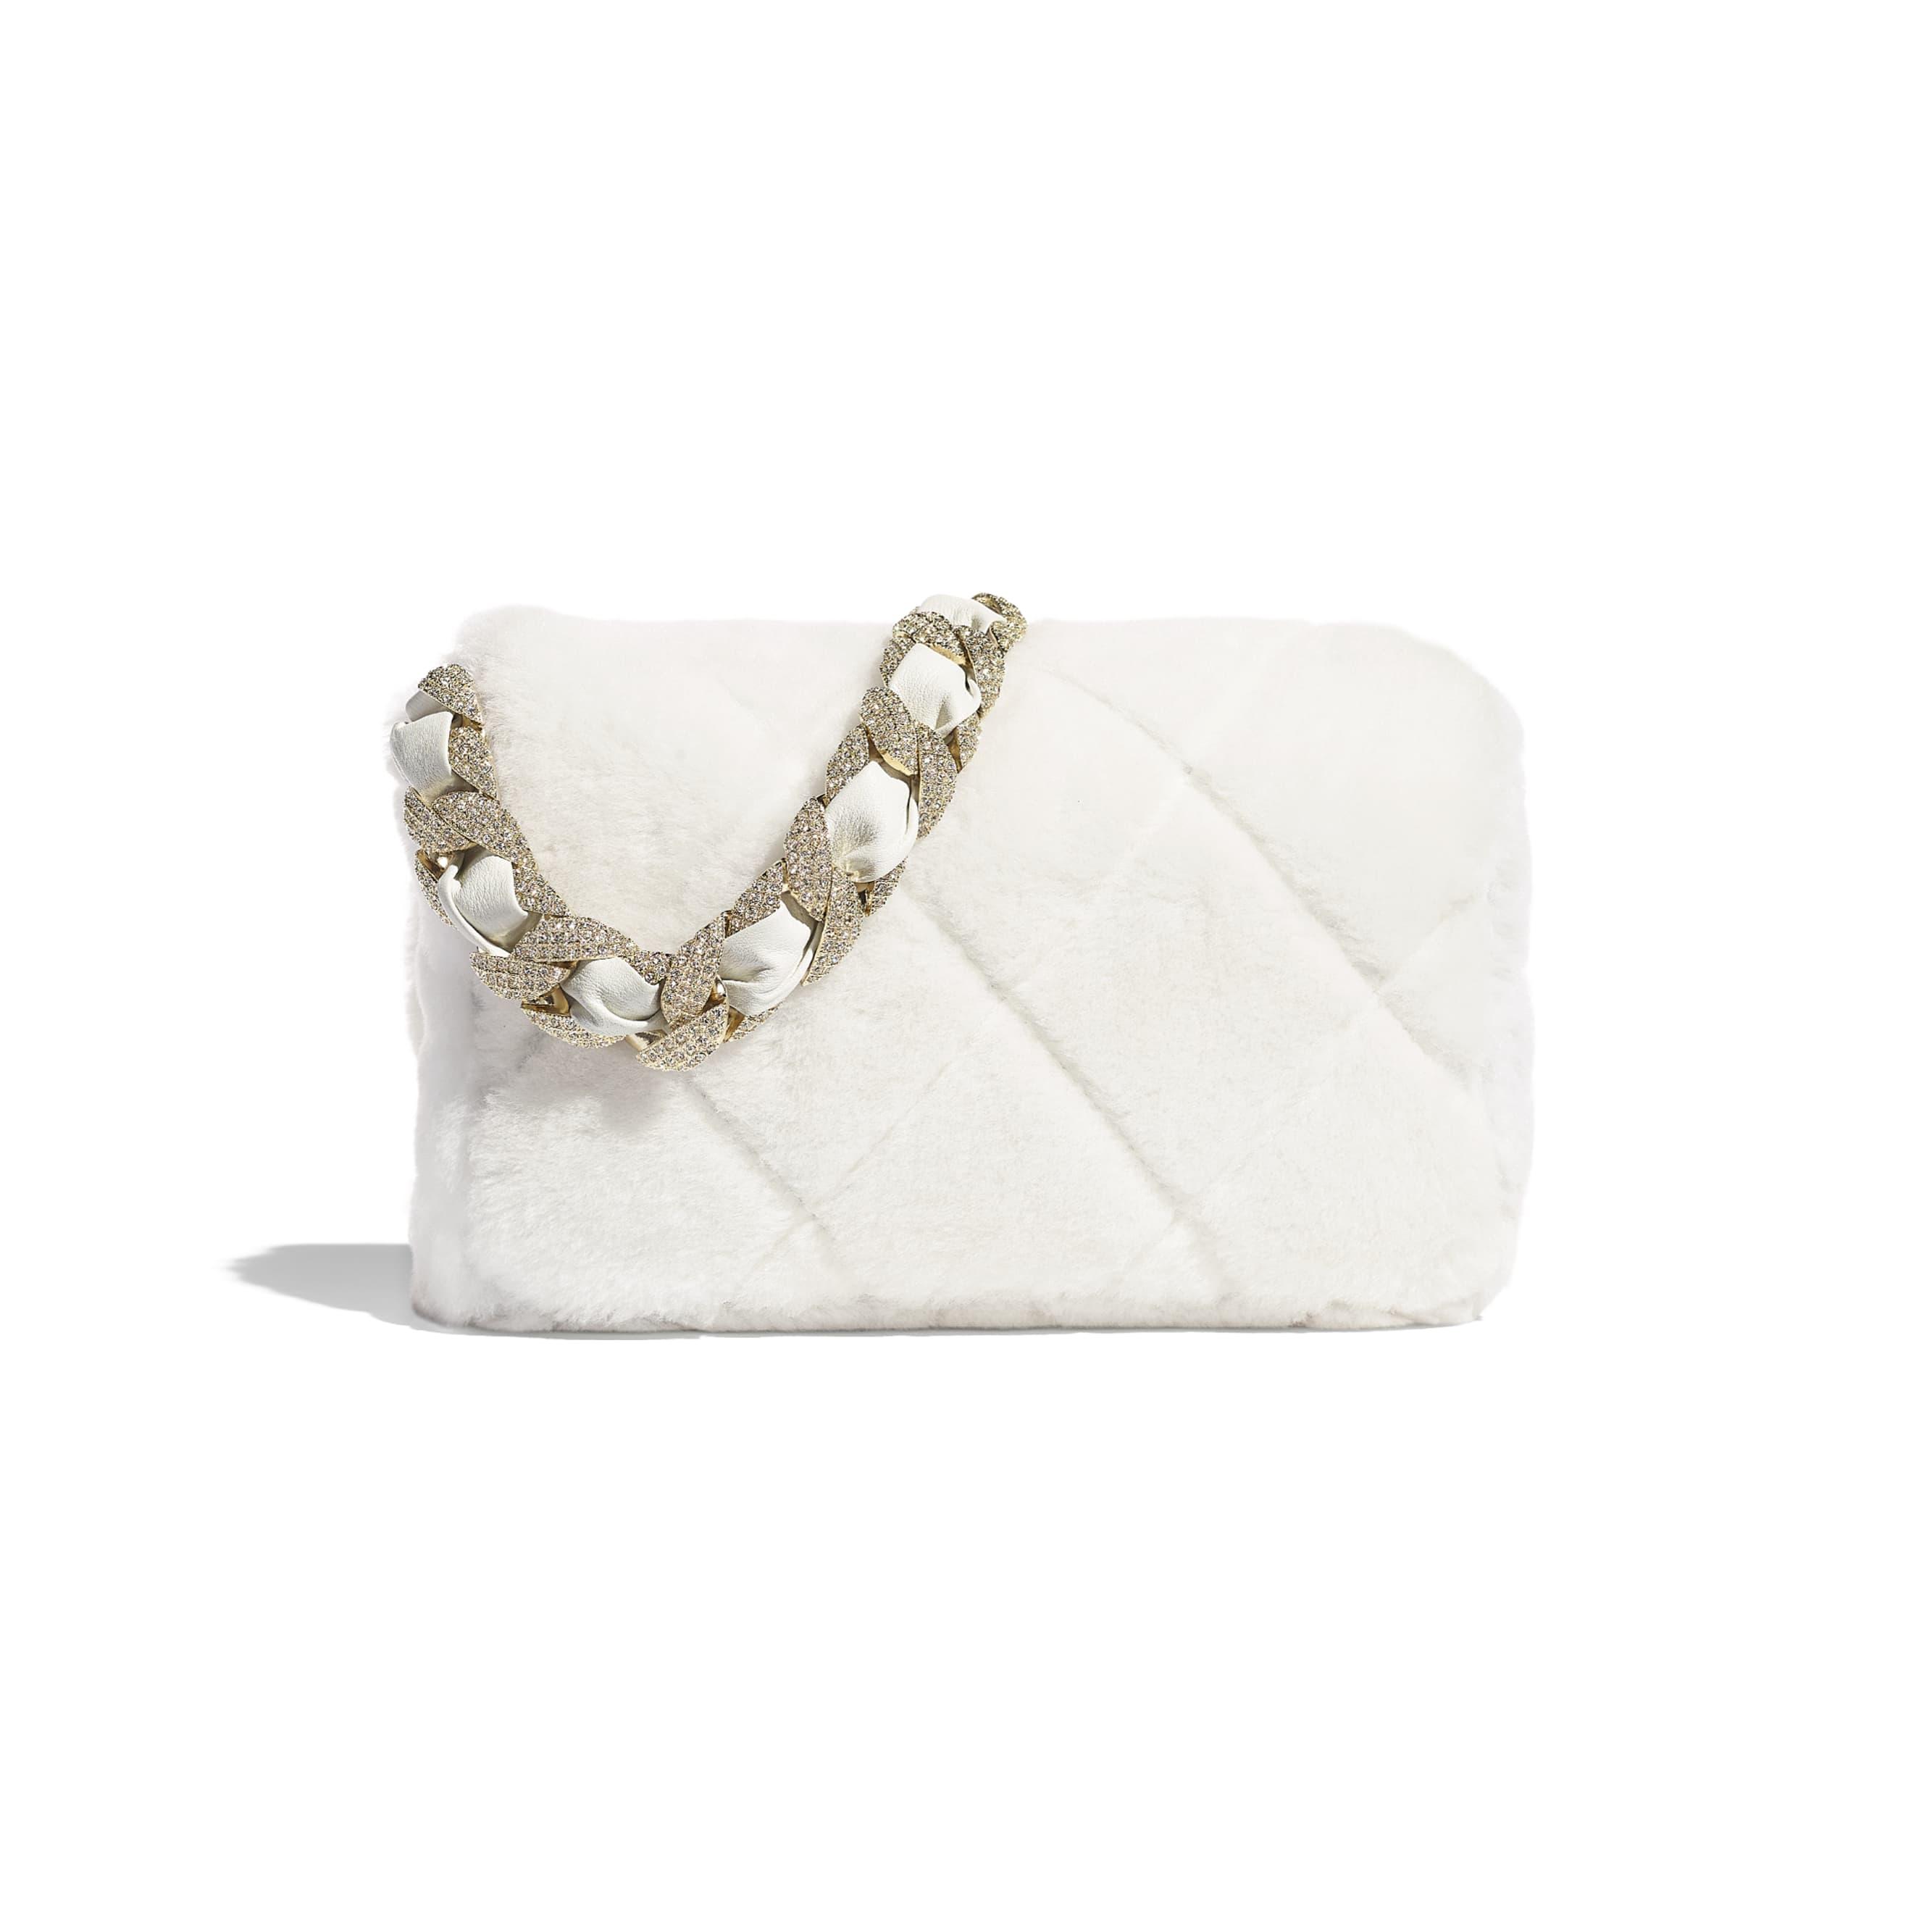 垂蓋手袋 - 白色 - 雙面剪羊毛、水晶及金色金屬 - CHANEL - 替代視圖 - 查看標準尺寸版本